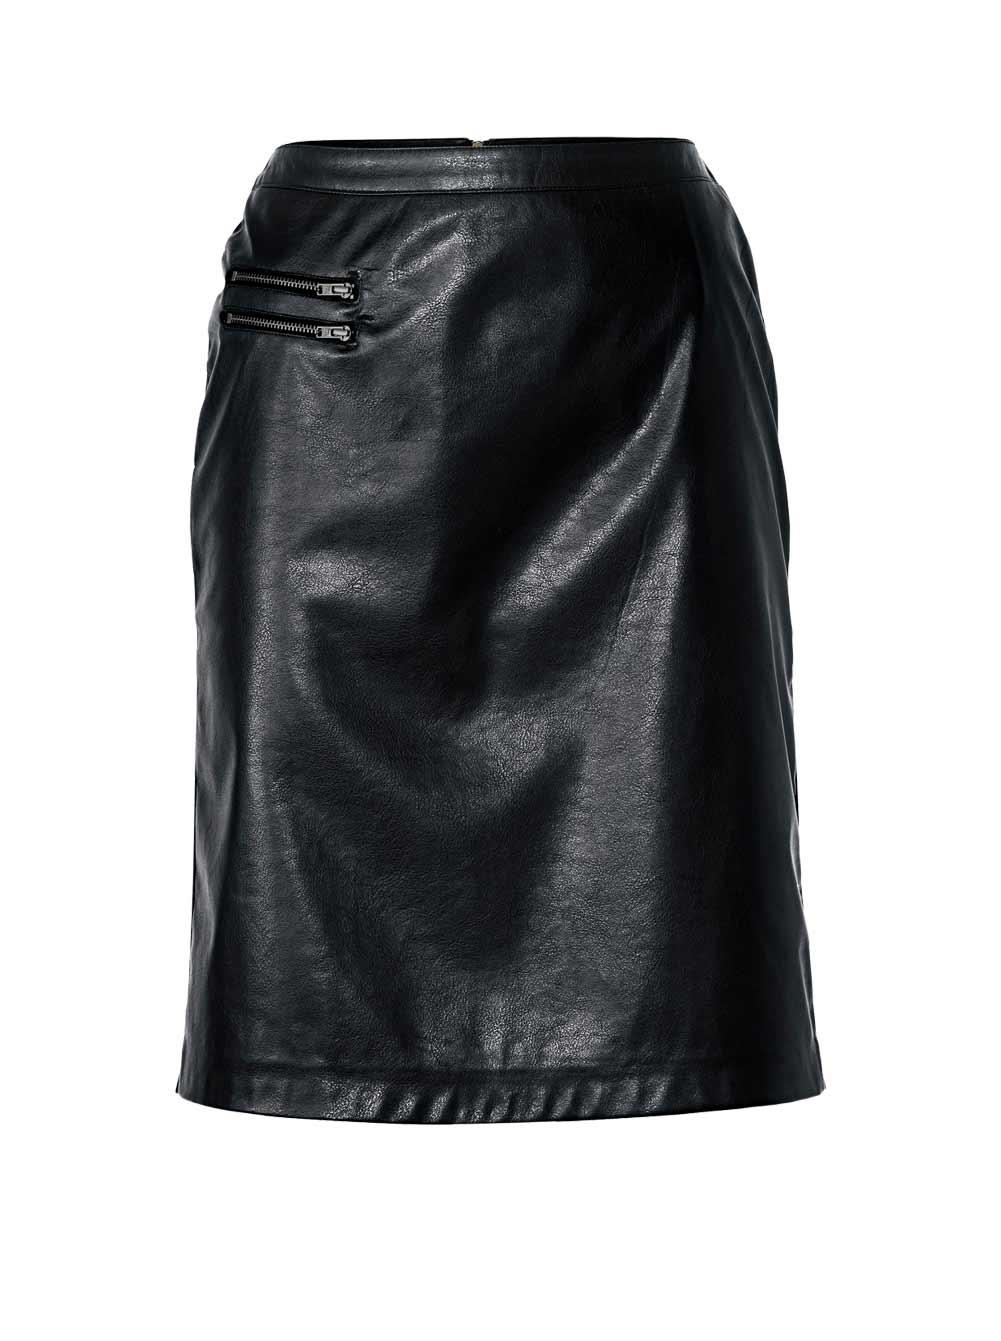 062.987 HEINE Damen Rock Lederimitat Mini Rock, schwarz